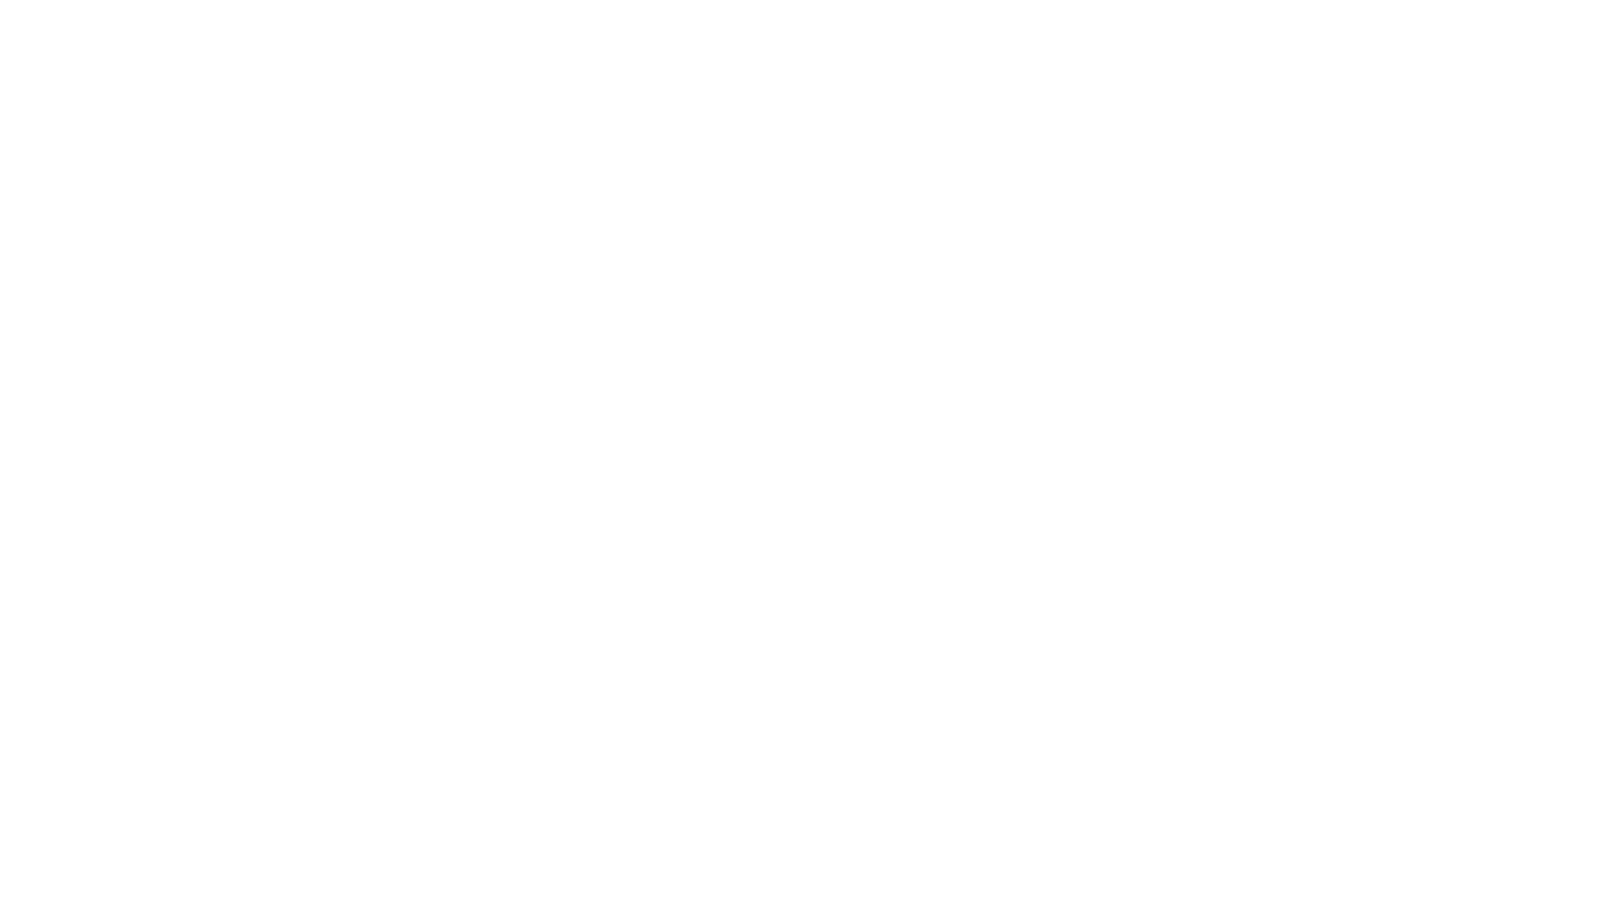 Con motivo del Día de la Atención Temprana, Laura, @ytodoslosmiedossevan  la mama de Manuel un niño con síndrome de Down, cuenta su experiencia en el Centro de Desarrollo Infantil y Atención Temprana (CDIAT) de Síndrome de Down Castellón.    https://www.downcastellon.com/fundacion/cdiat-centro-atencion-temprana/